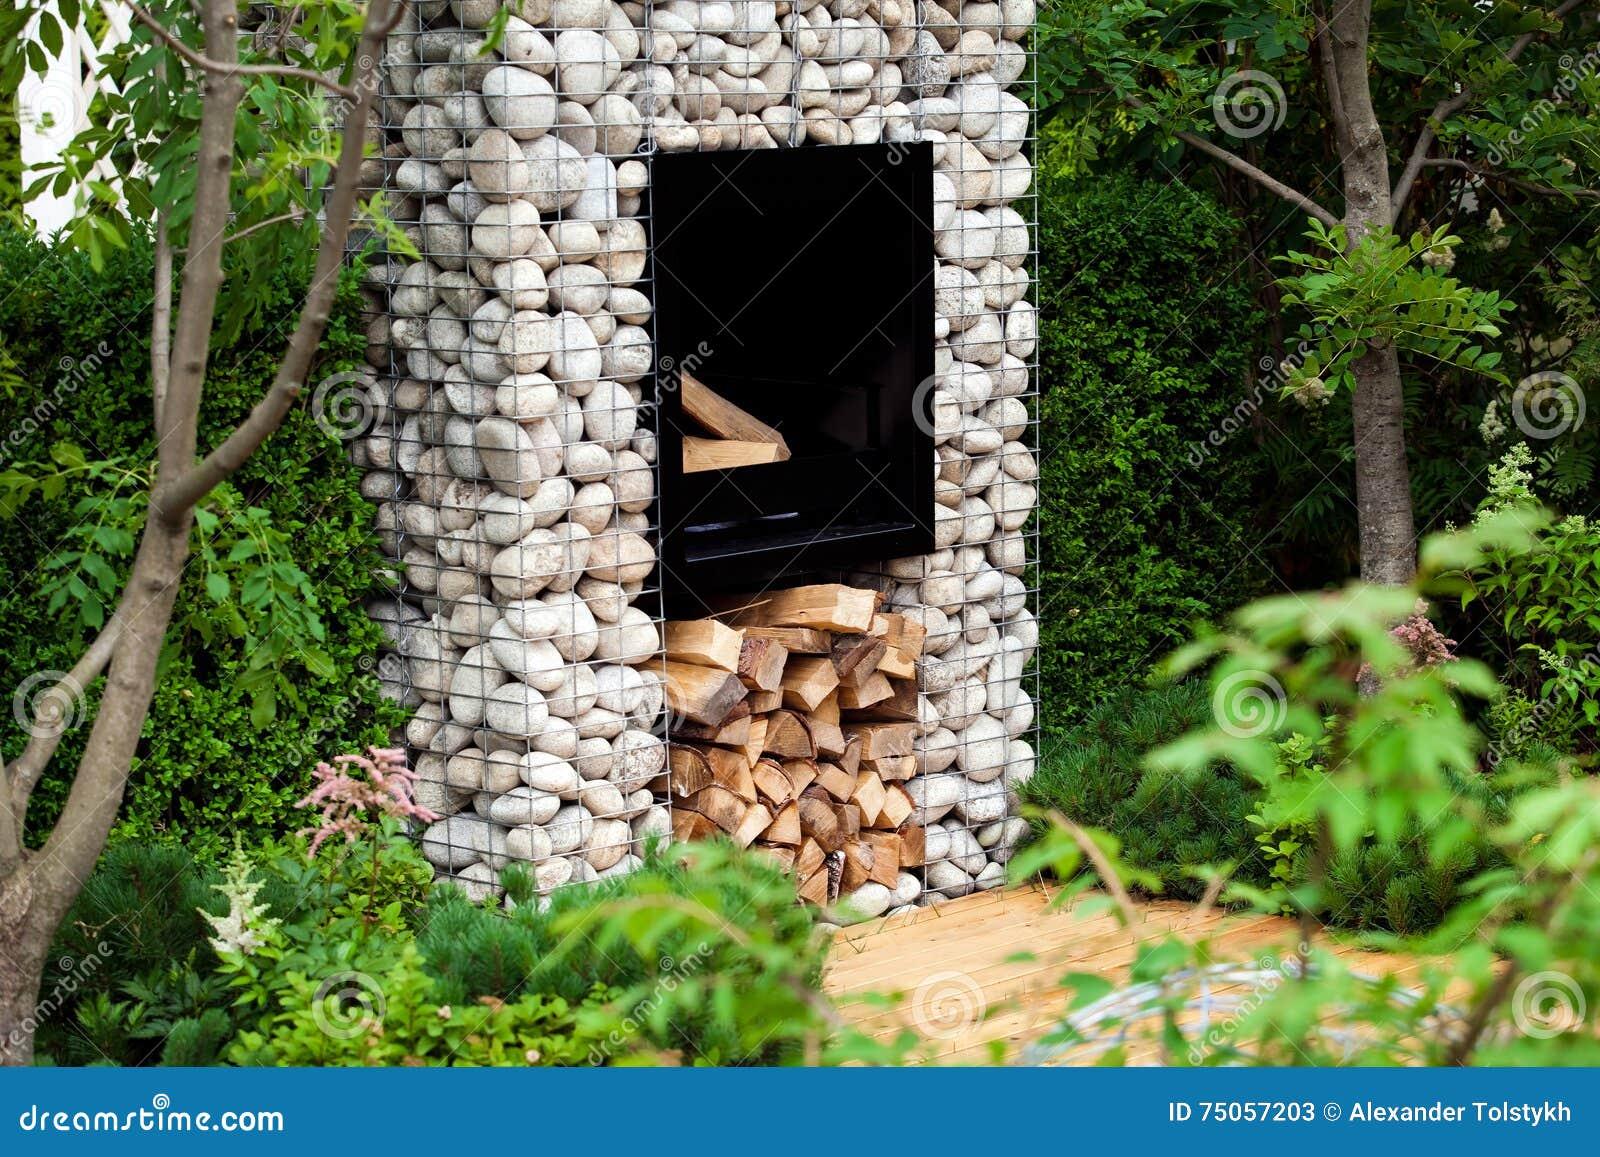 Tuin Open Haard : Moderne open haard in de tuin stock afbeelding afbeelding